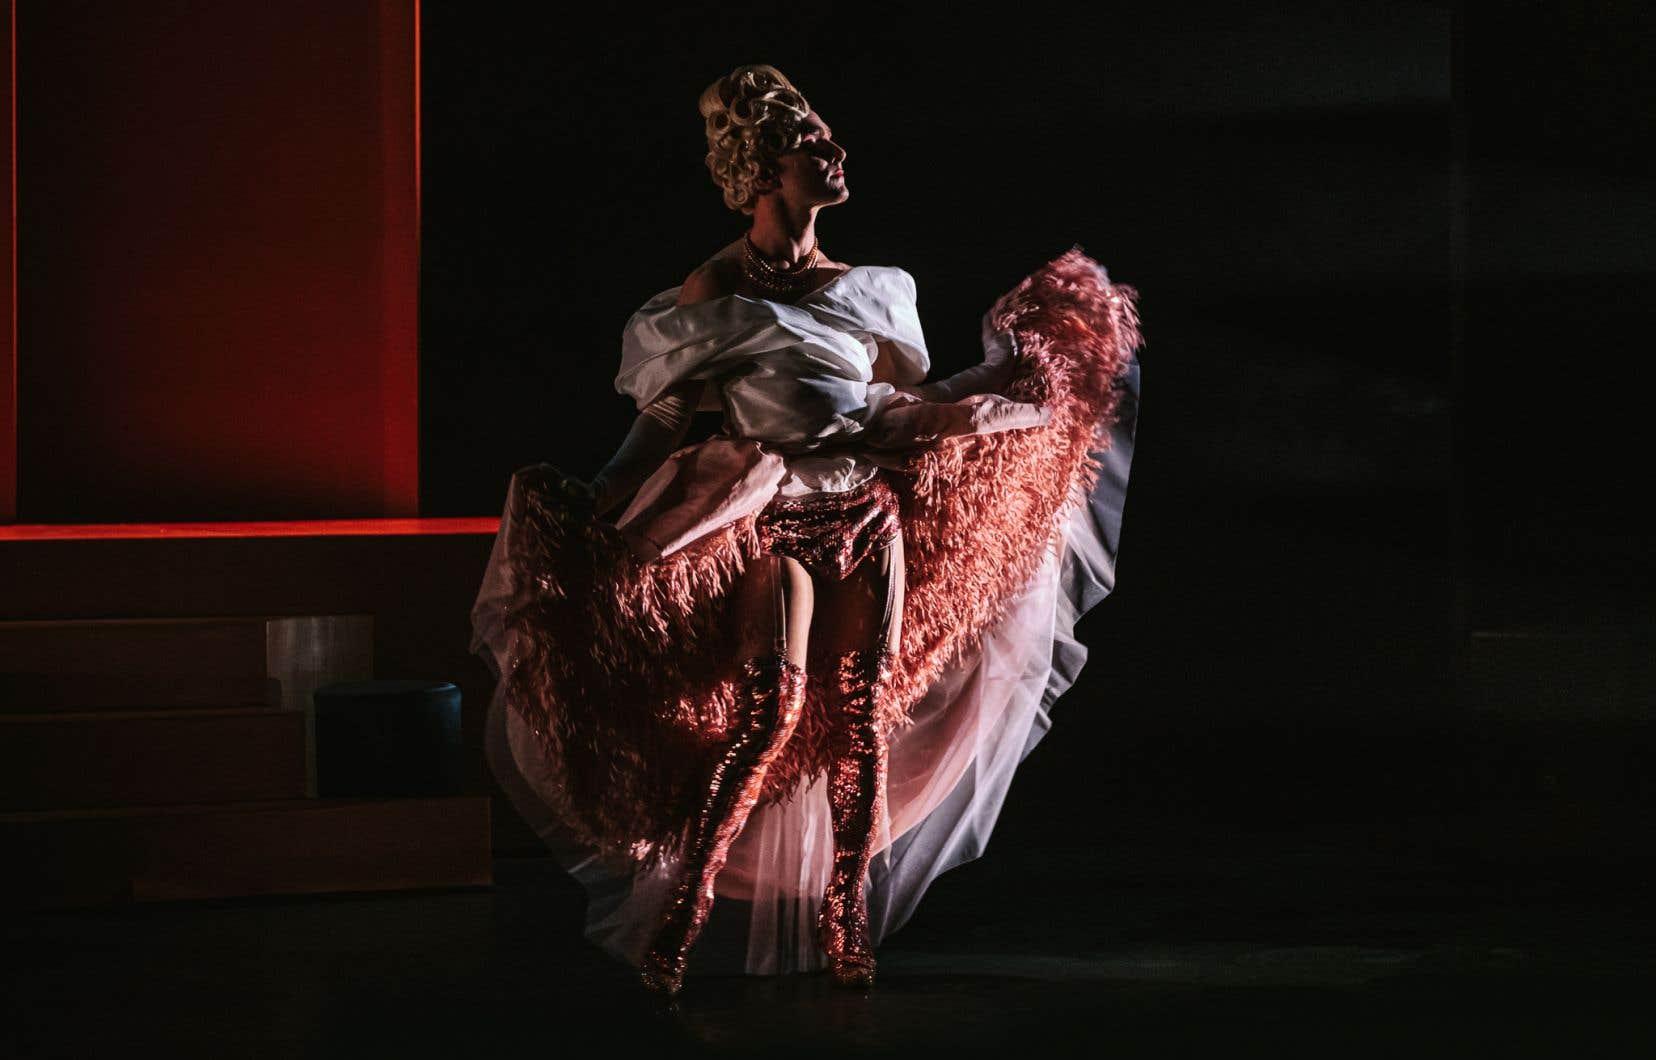 «La duchesse de Langeais» présente l'intimité d'une drag queen de la première heure, au milieu des années 1960.